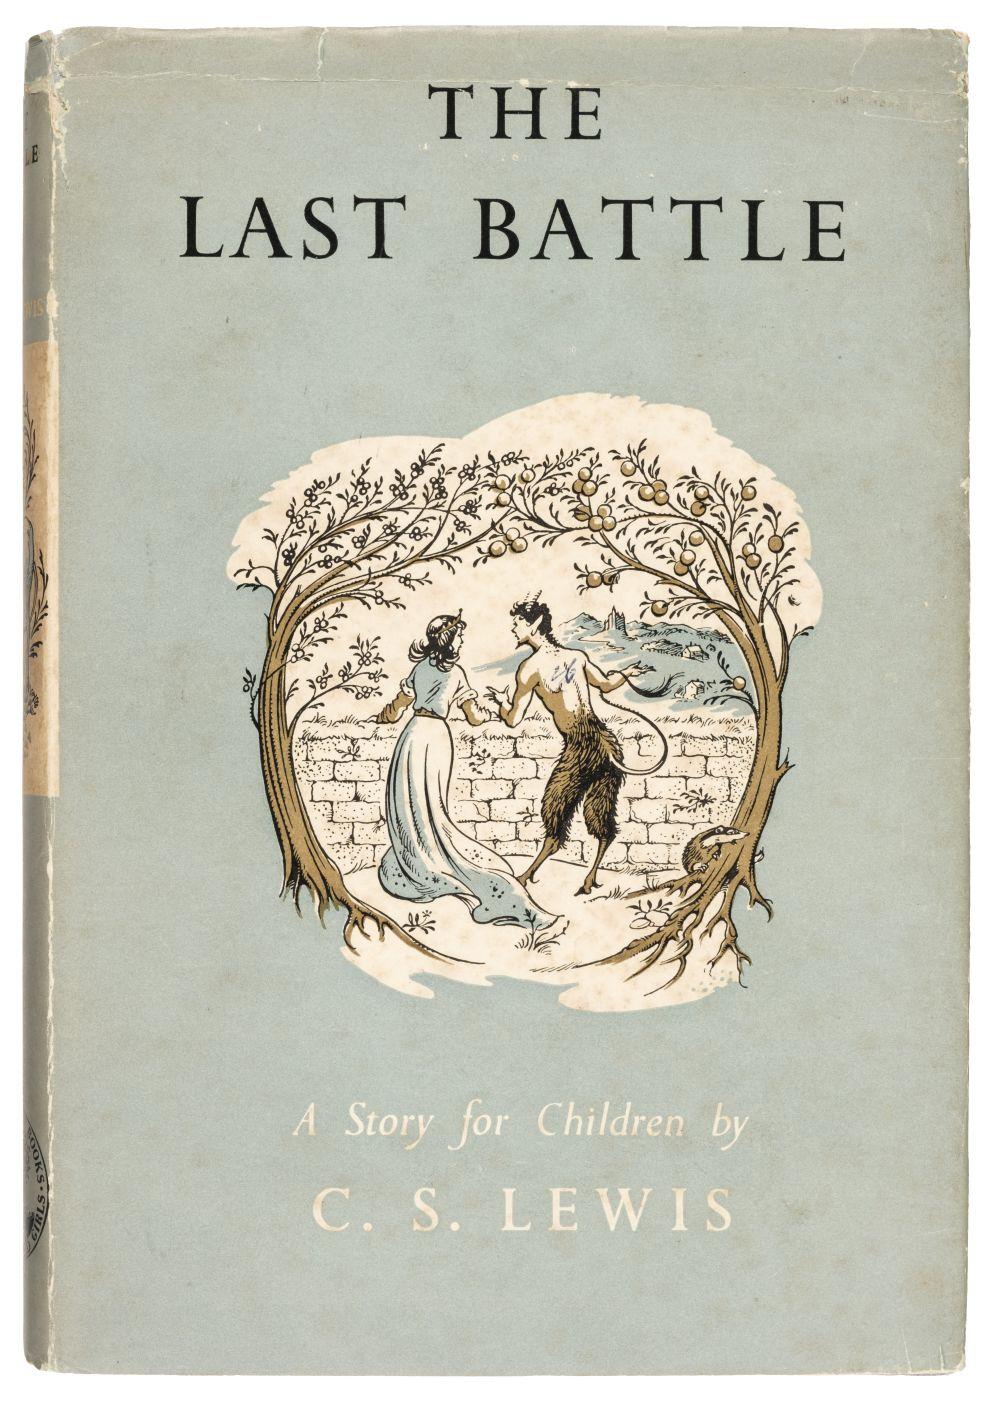 Lewis (C.S.) The Last Battle, 1st edition, 1956